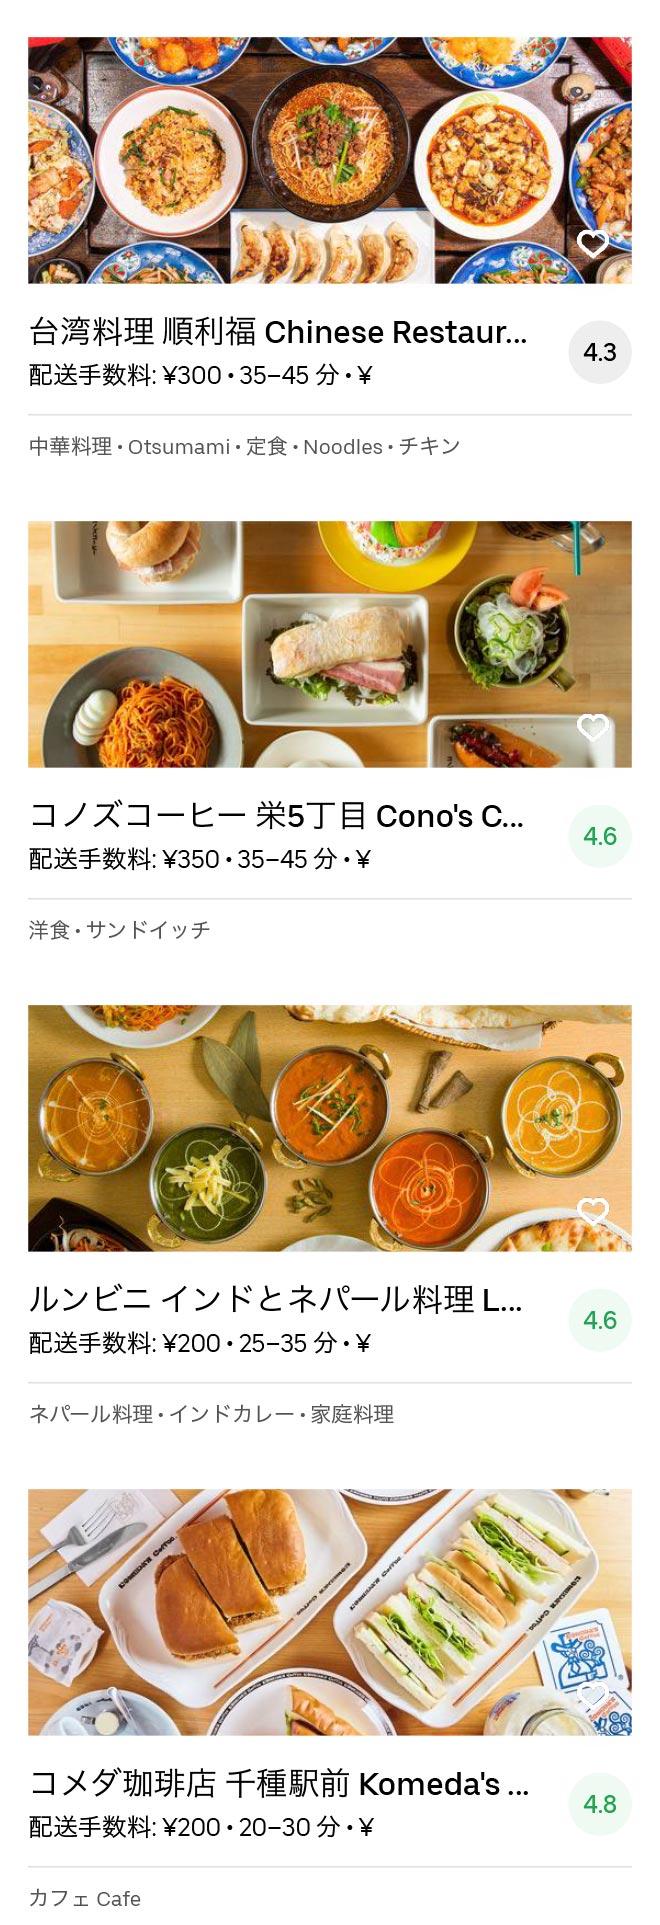 Nagoya ozone menu 2005 10